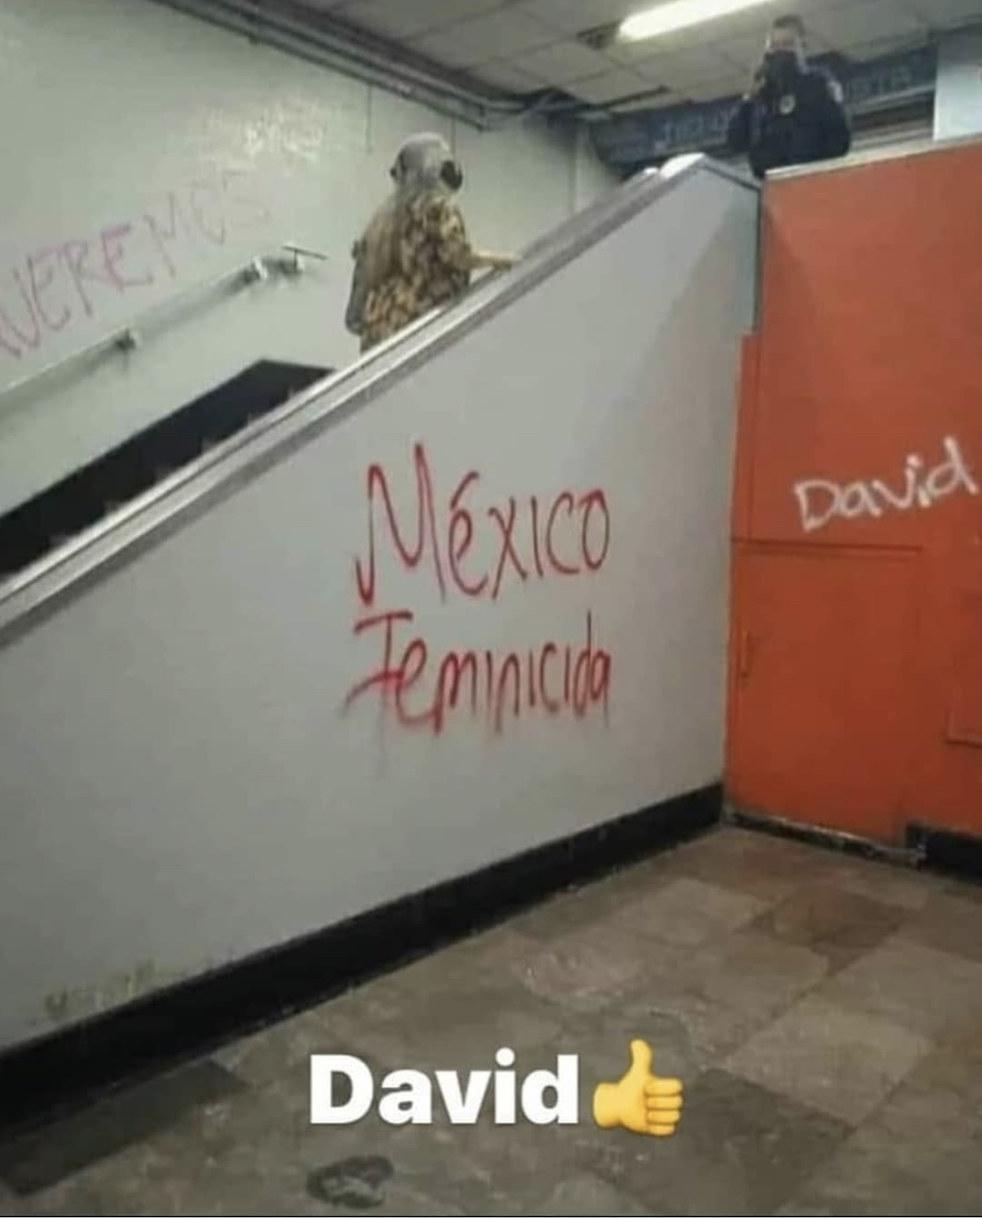 david - meme